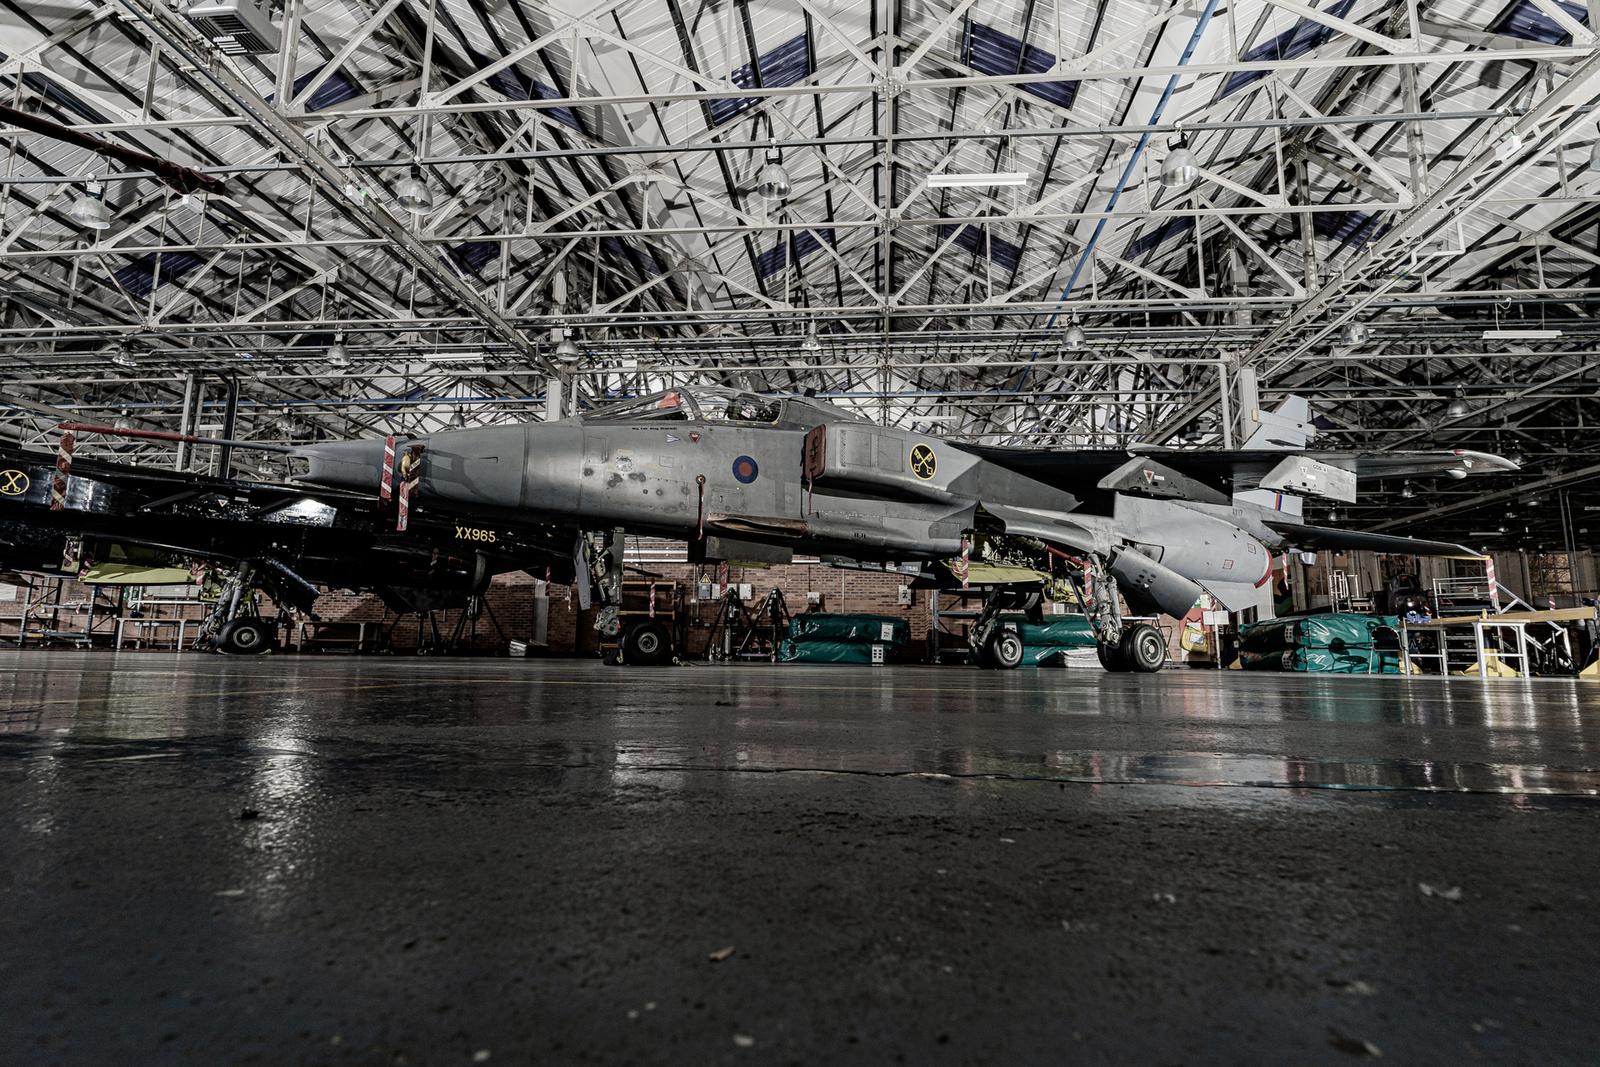 7- RAF Cosford